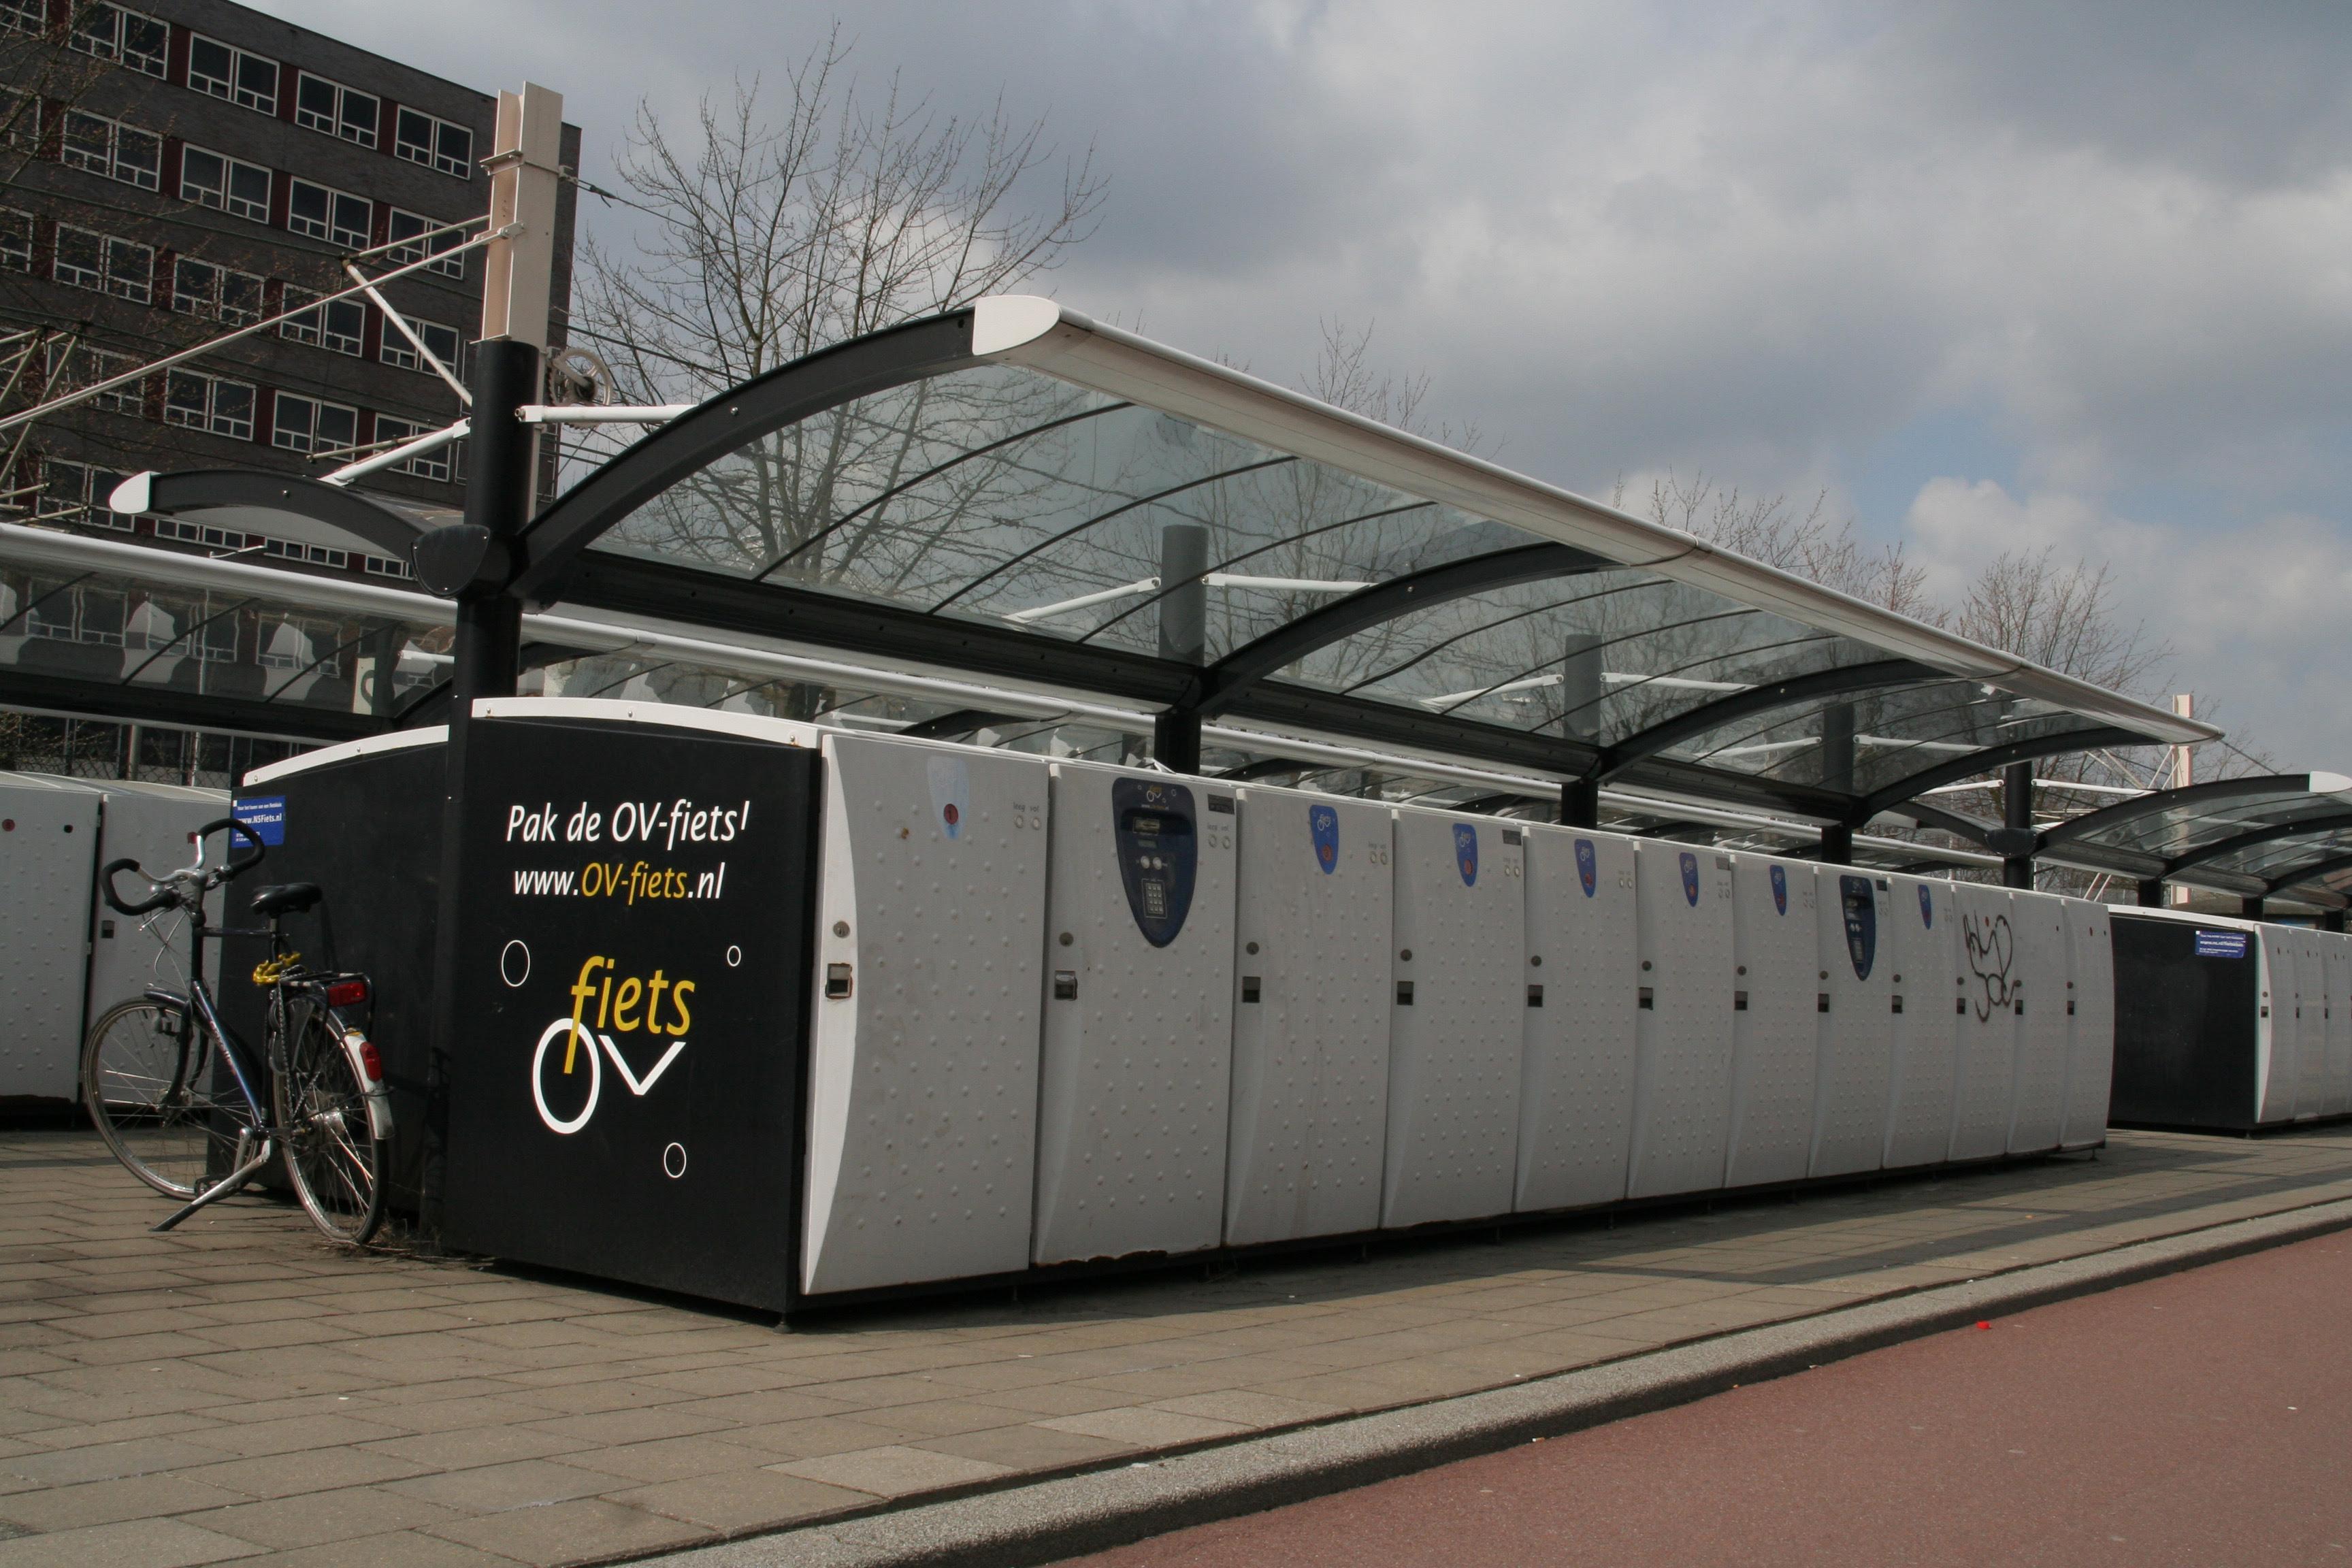 Los ferrocarriles holandeses ofrecen bicicletas a sus clientes en las estaciones de destino para evitar que los trenes se llenen de bicis propias